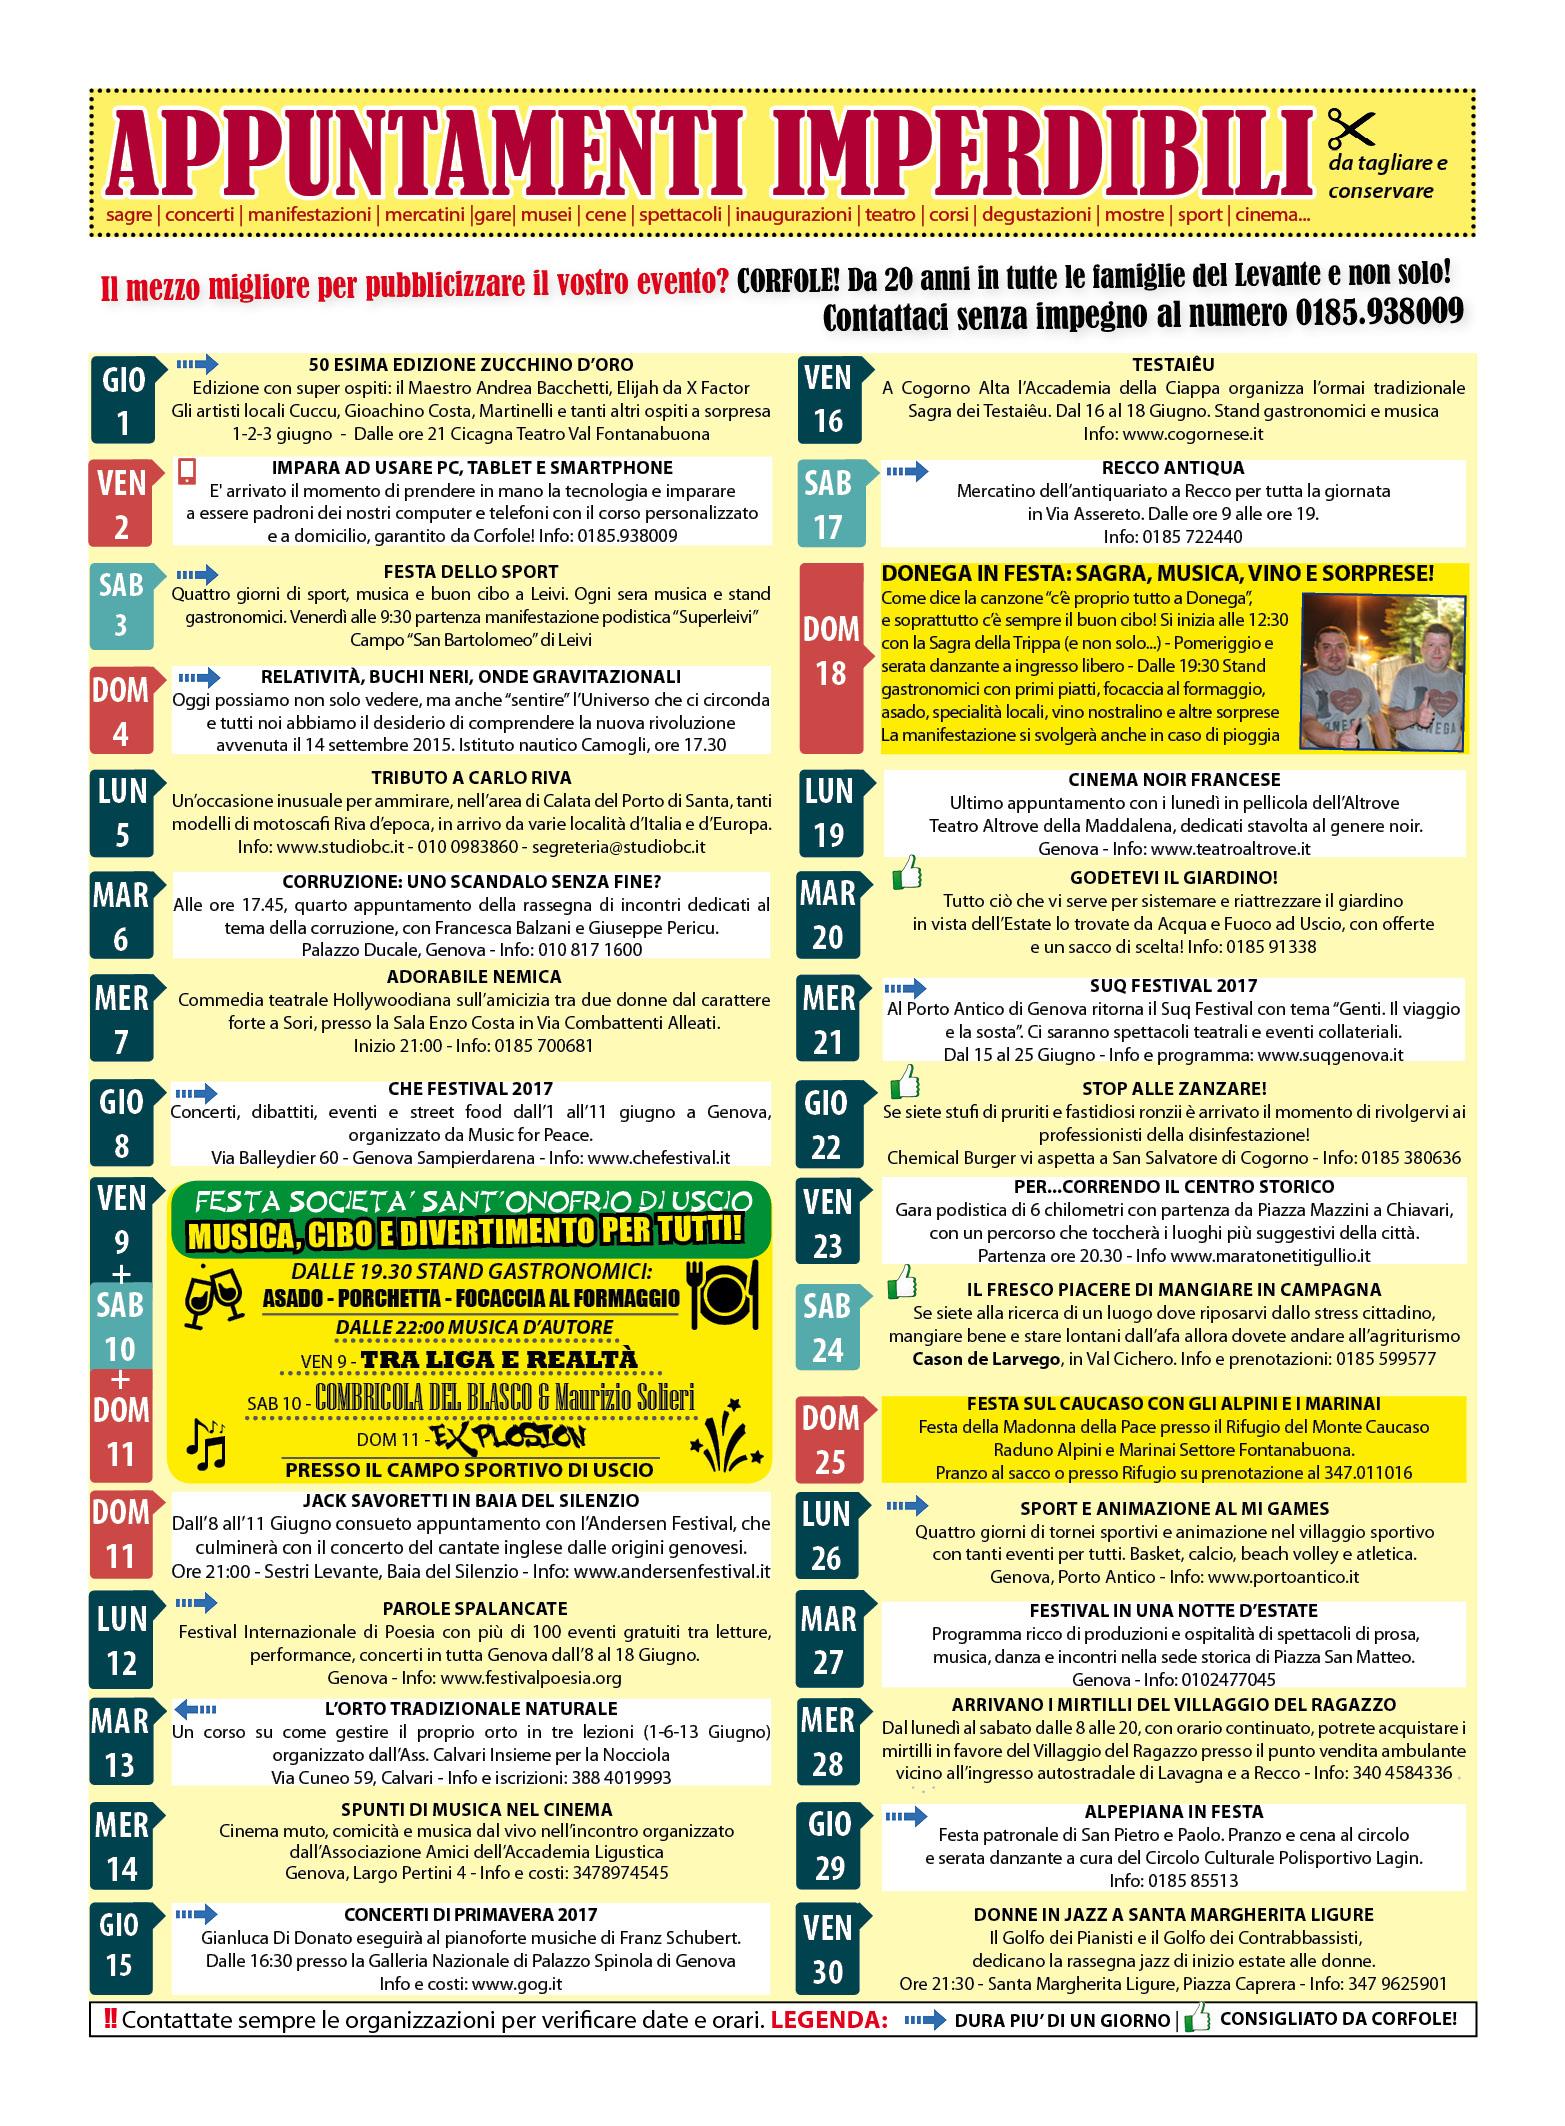 CALENDARIO EVENTI IMPERDIBILI GIUGNO: sagre, mercatini, concerti, spettacoli, teatro, mostre, corsi, ristoranti e molto altro